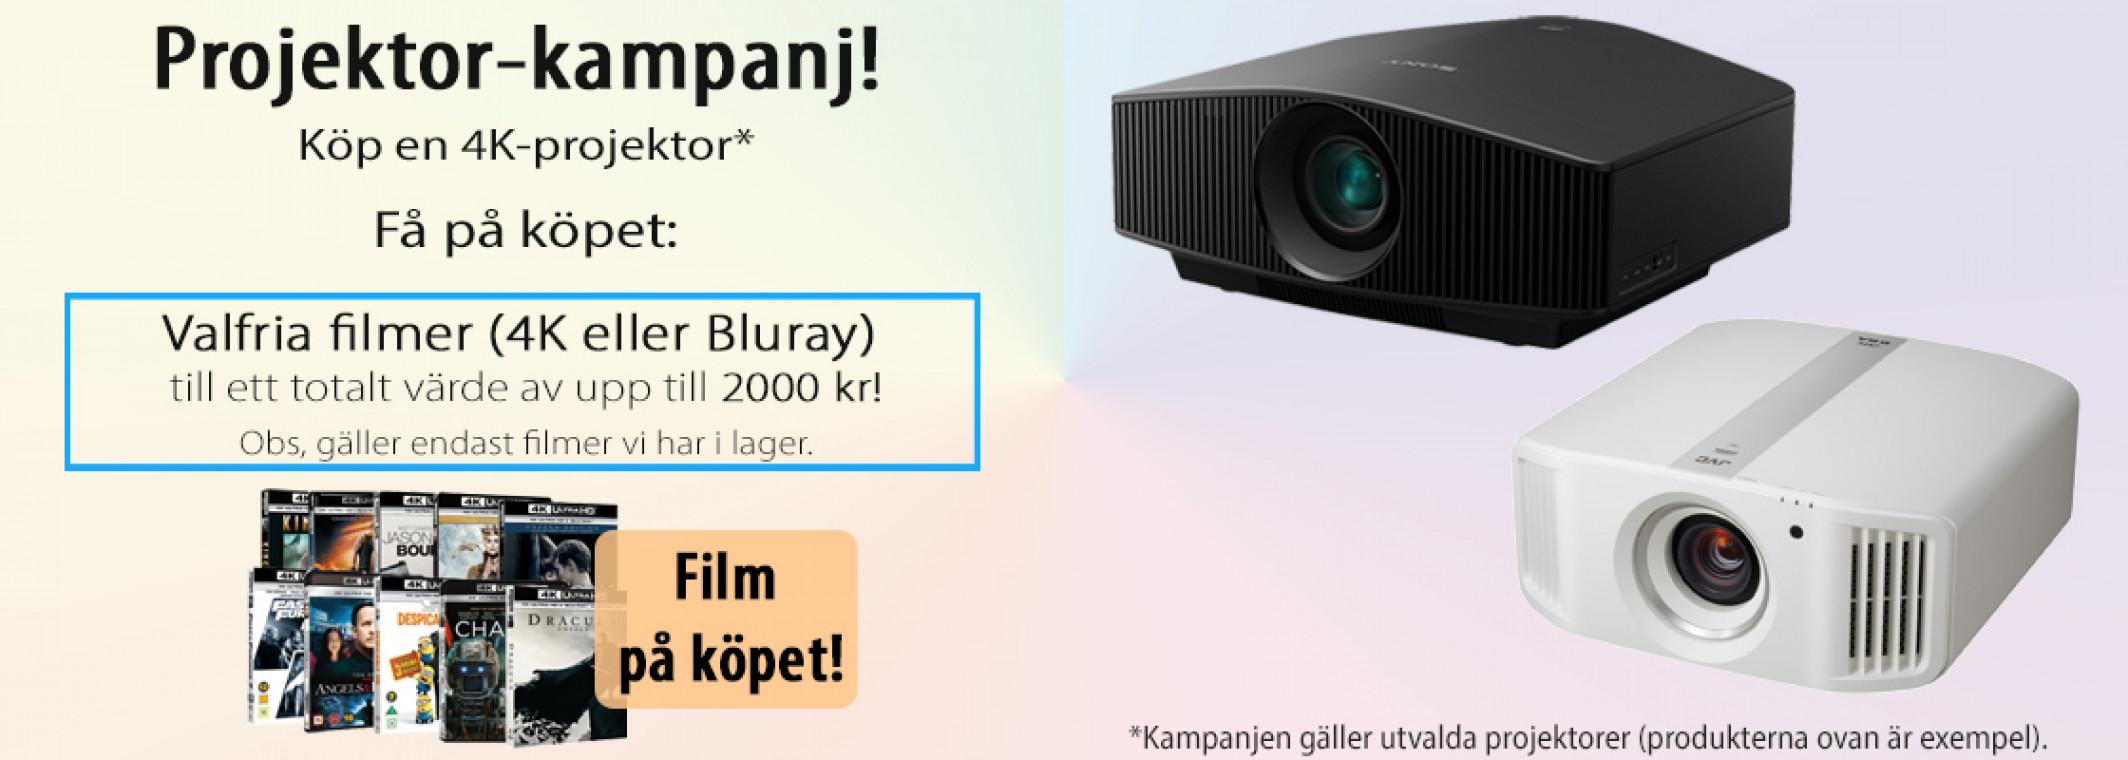 4k_film_kampanj2.jpg